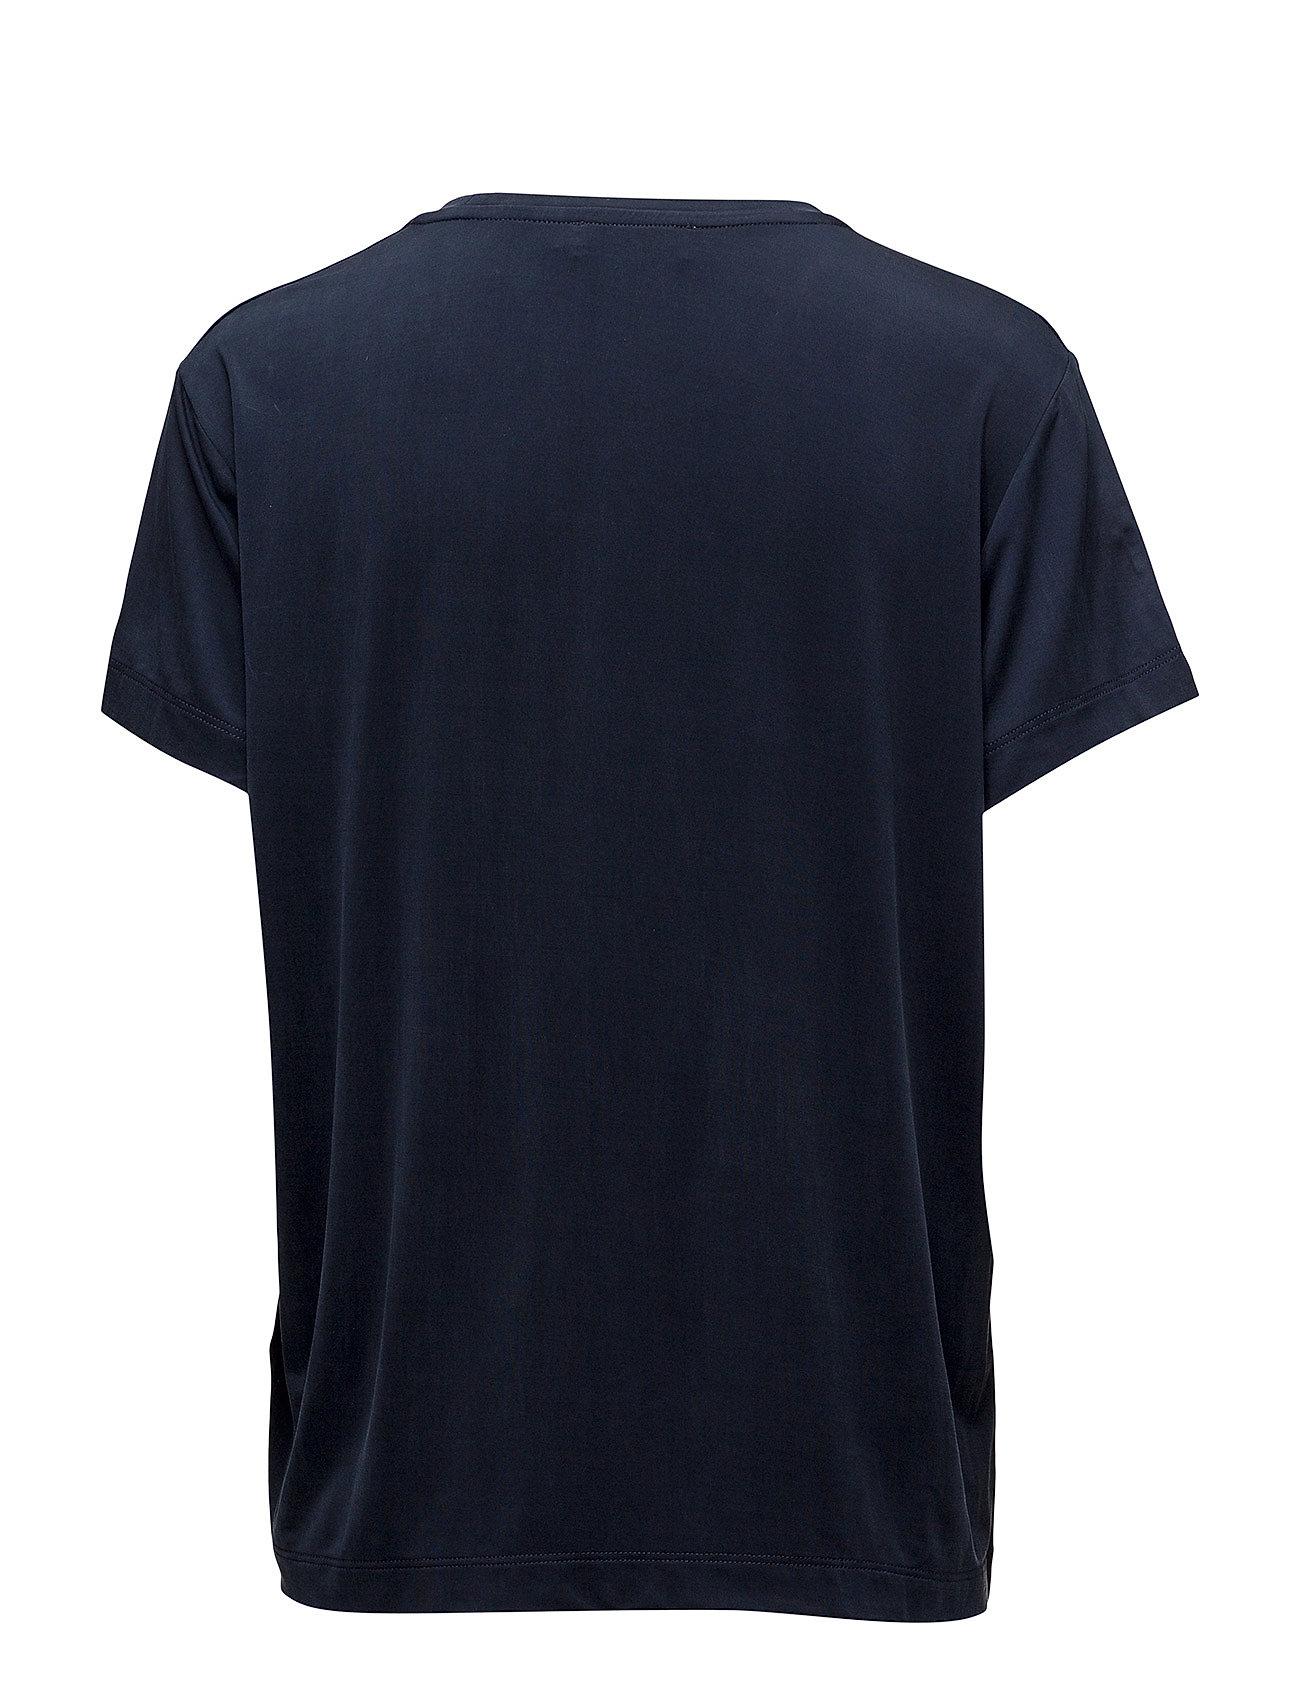 Siff Tee 6202 T shirt Top Blå Samsøe & Samsøe